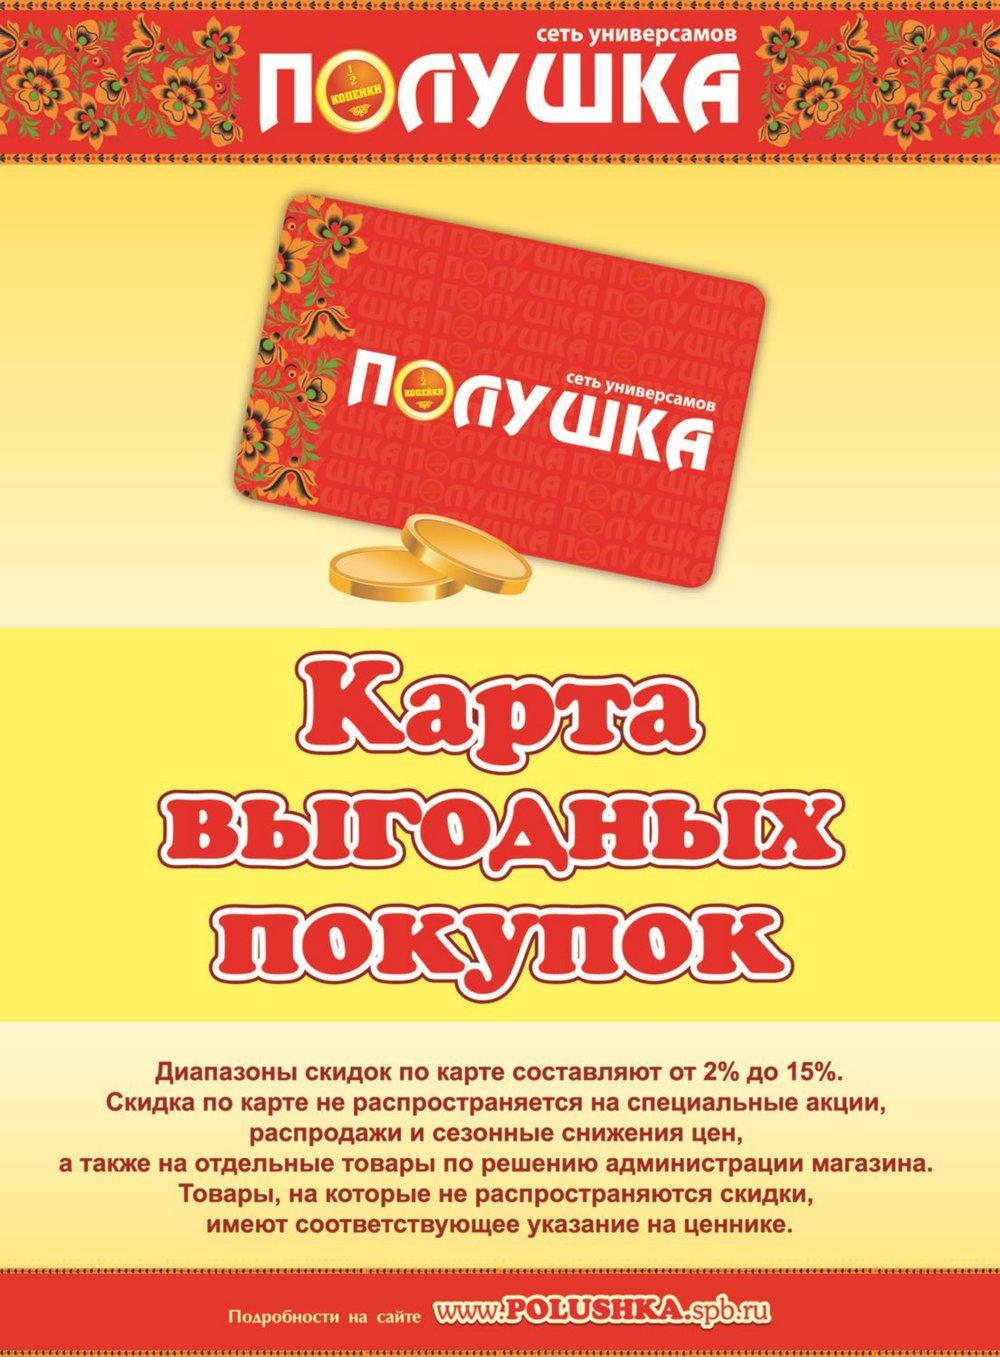 Каталог акций Полушка с 6 по 26 ноября 2017 - стр. 2